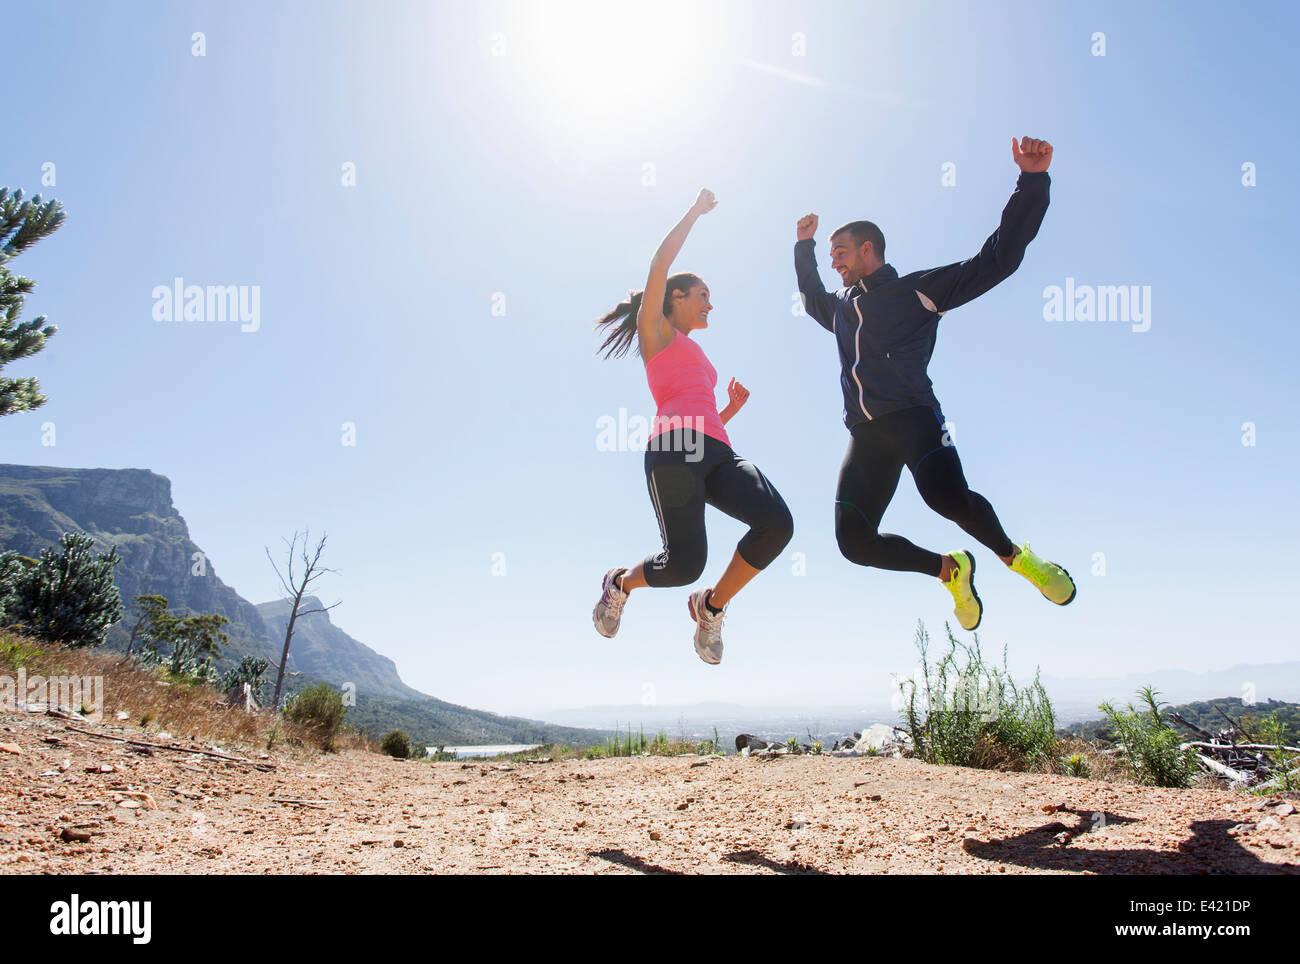 Les jeunes coureurs qui saute dans les airs Photo Stock